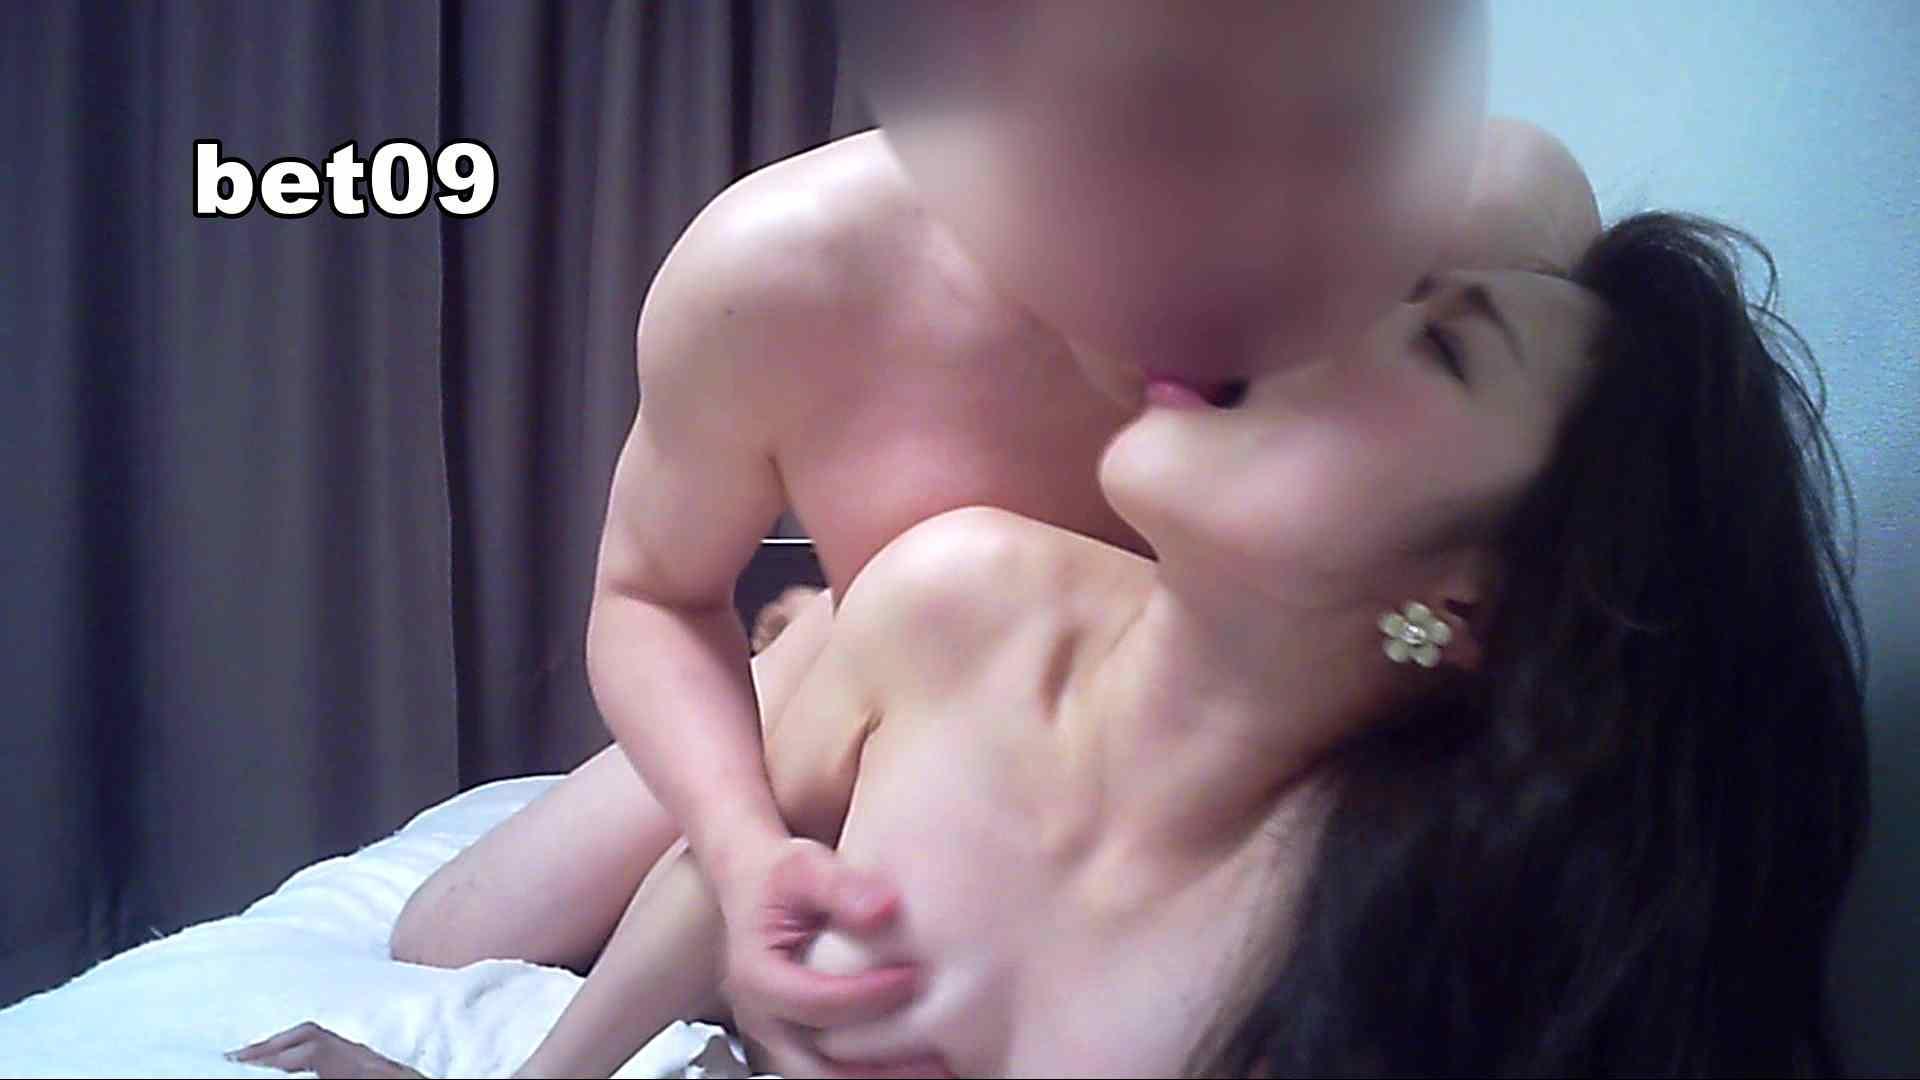 ミキ・大手旅行代理店勤務(24歳・仮名) vol.09 ミキの顔が紅潮してきます セックス  72PIX 64